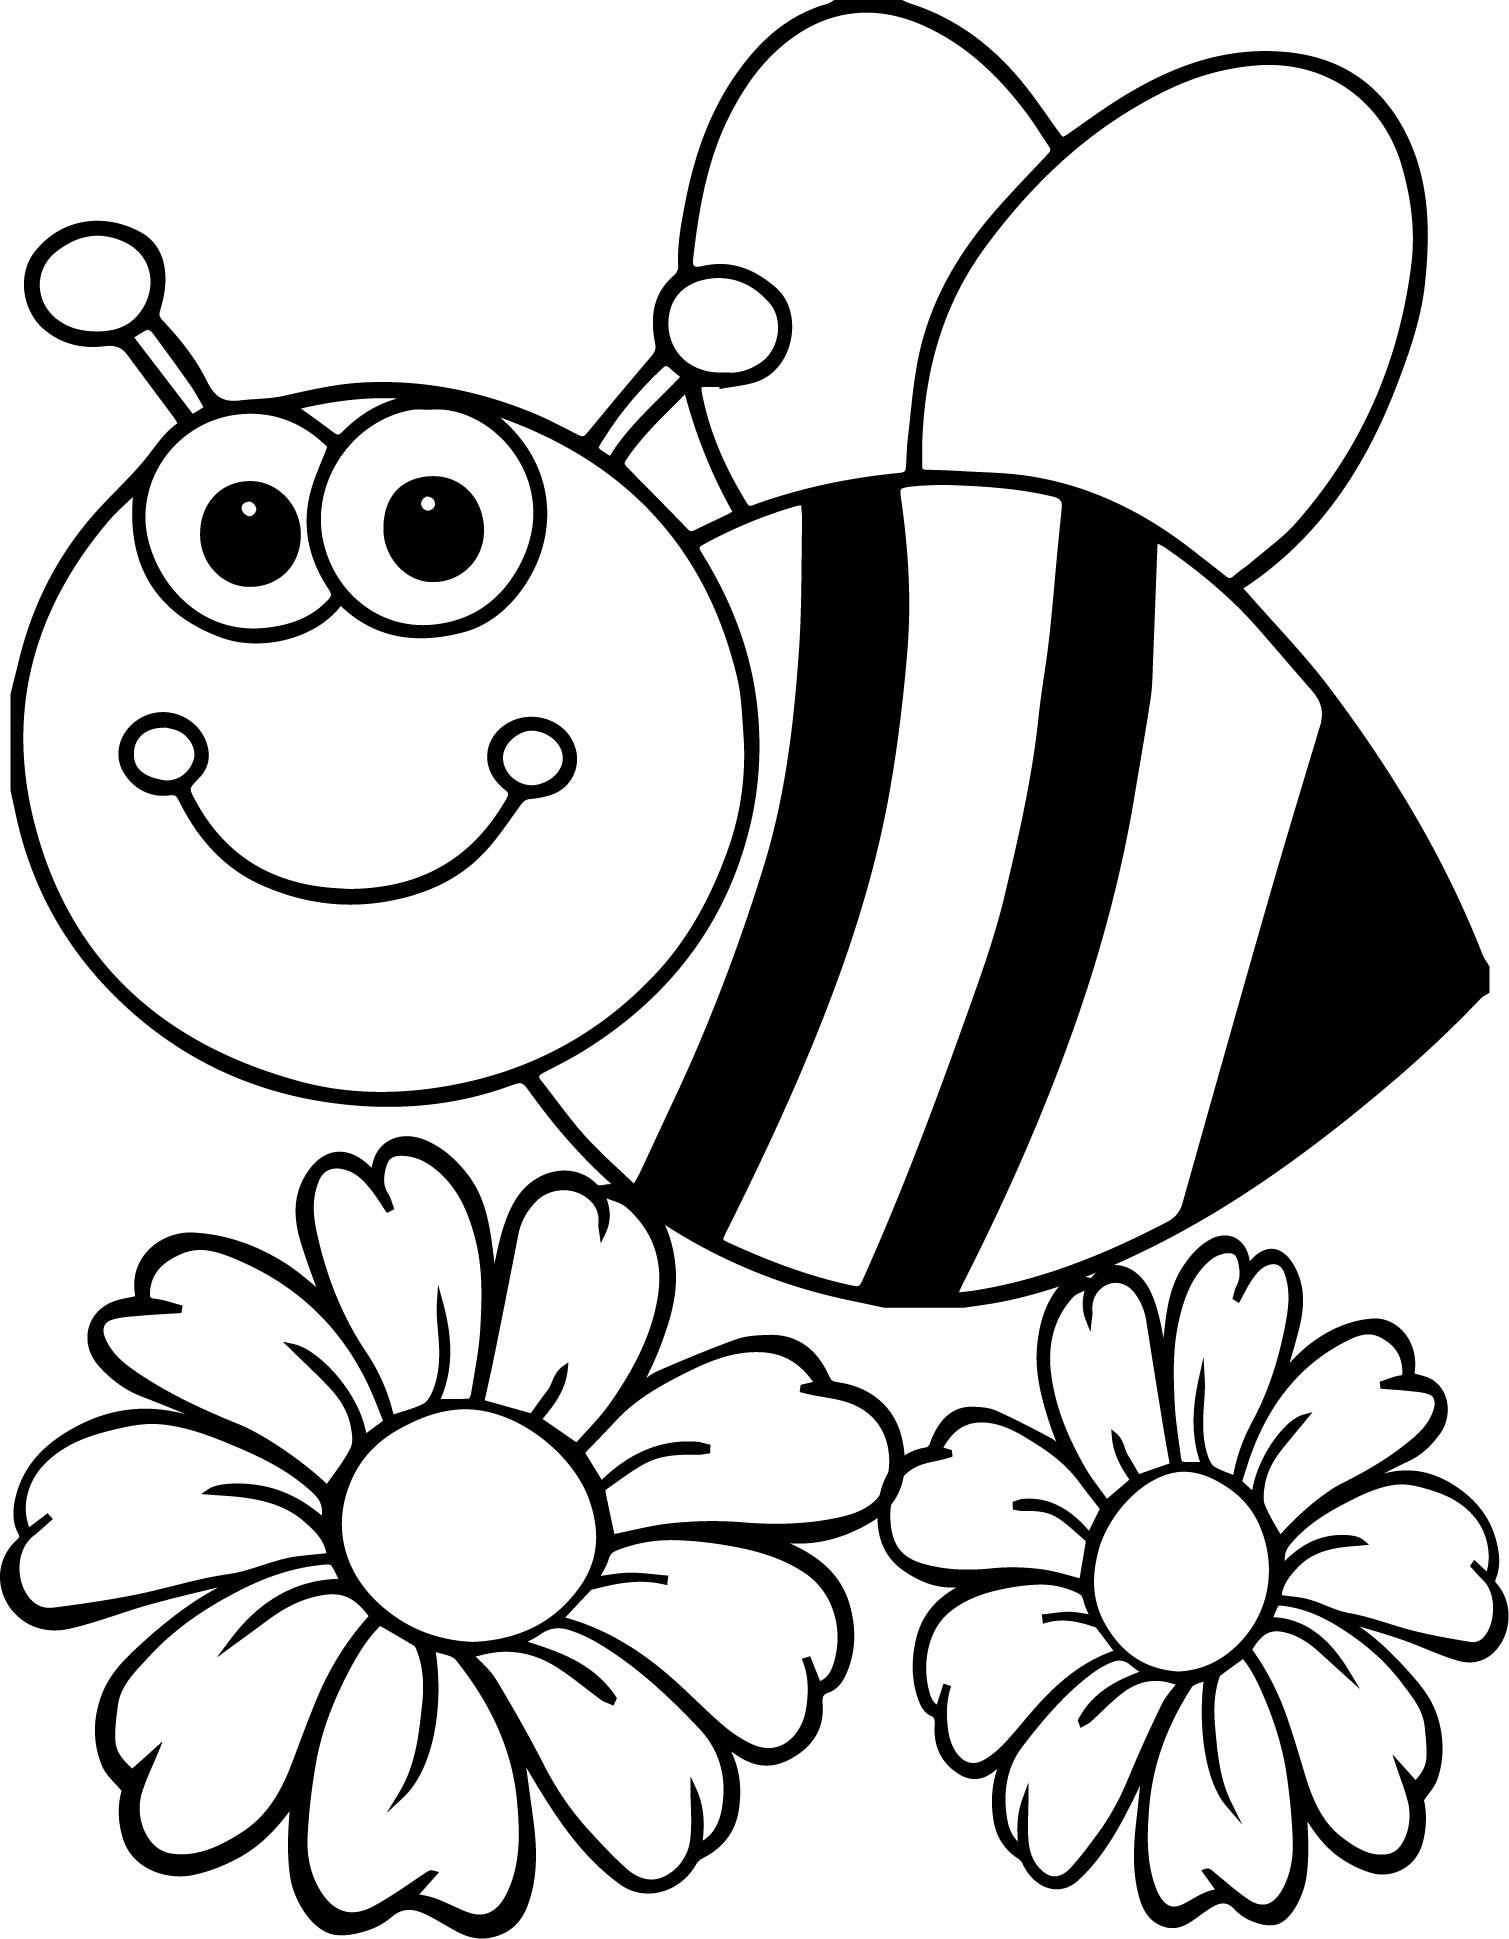 Black Bumble Bee >> Abejas para colorear 🥇 【DIBUJOS para descargar y Pintar】